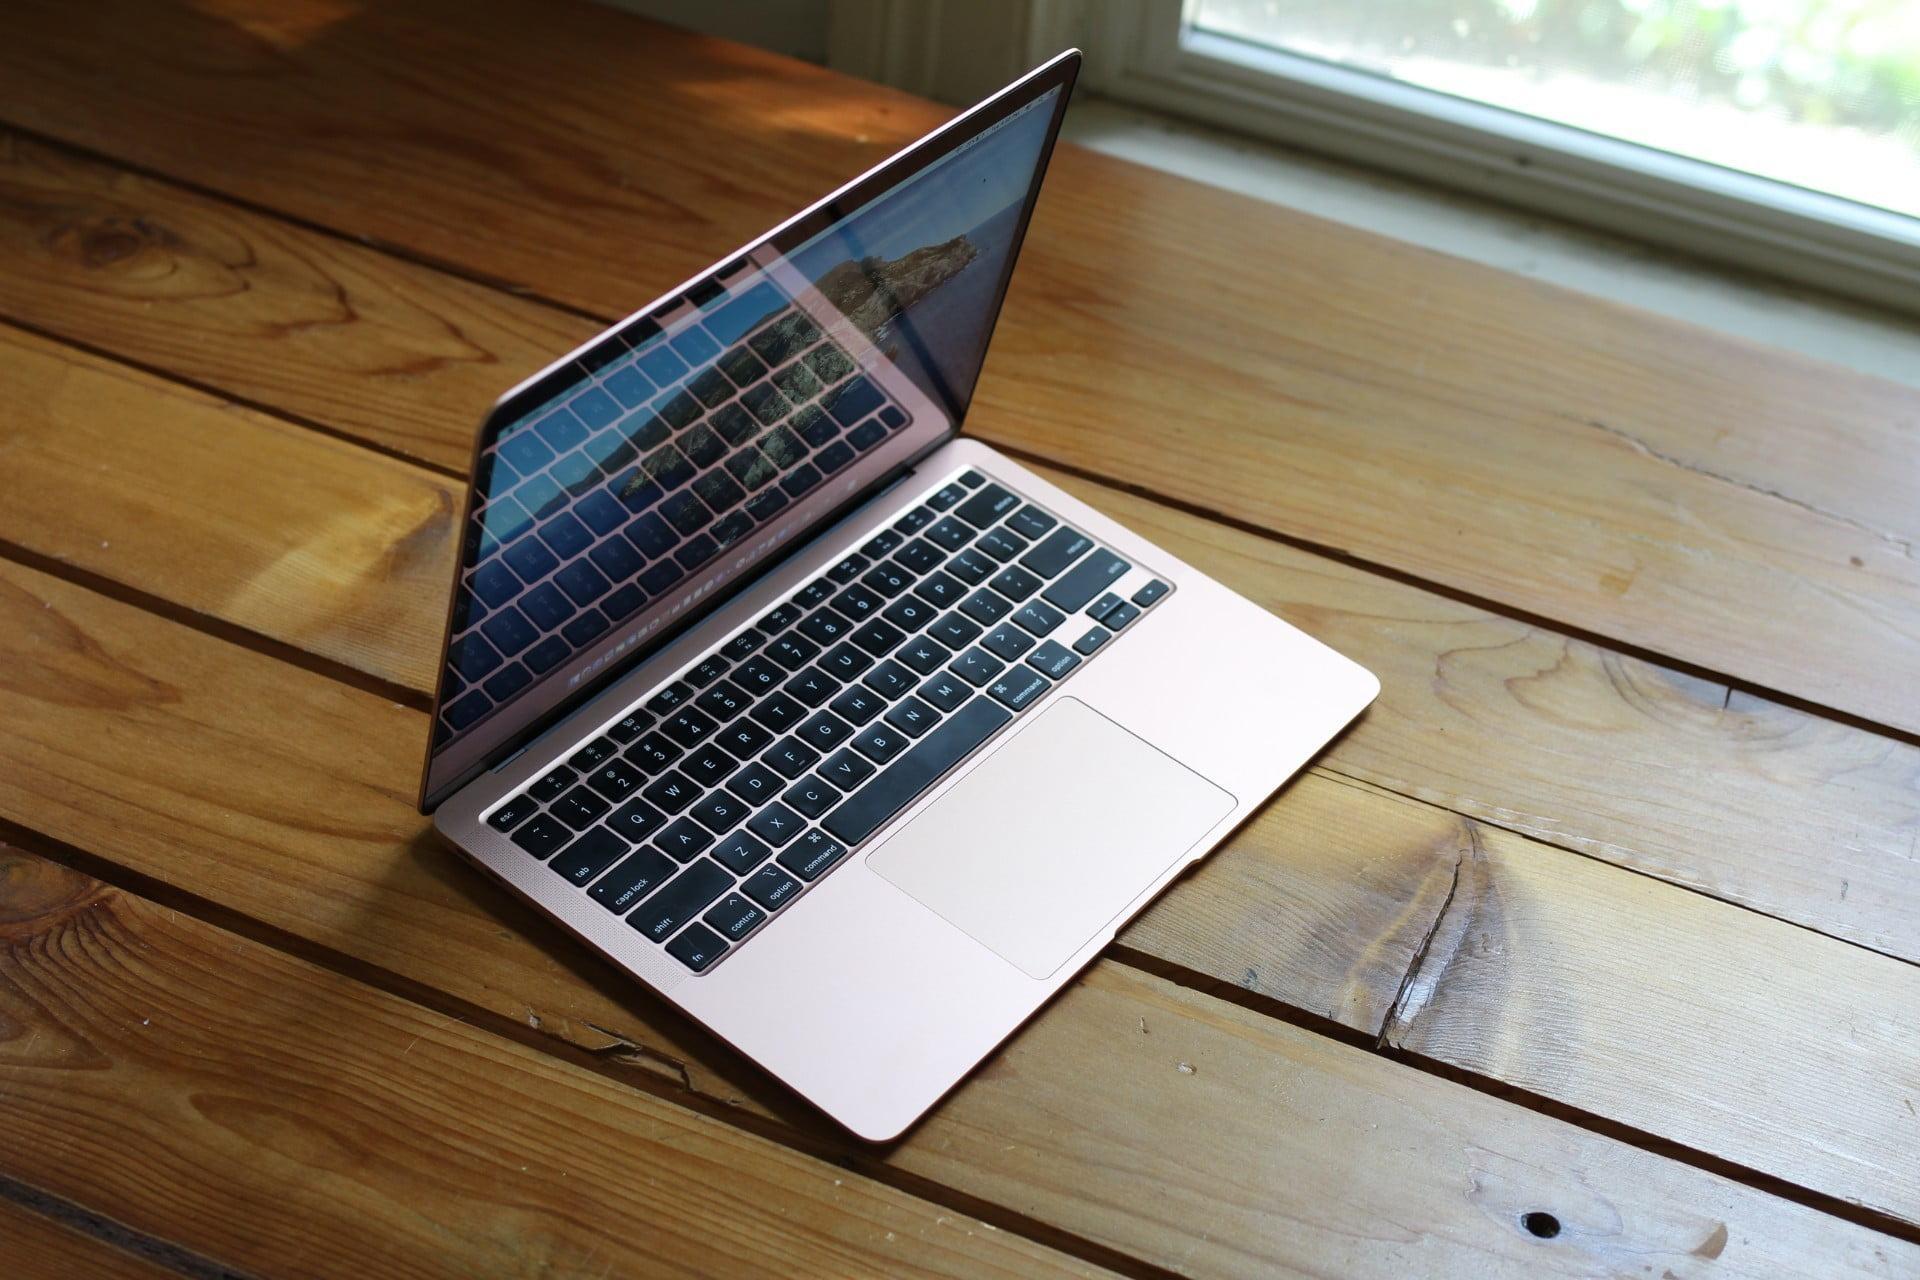 Khả năng vượt trội của Surface Laptop 3 và Macbook Air 2020: Liệu Microsoft có thắng nhà Apple (Phần 1) 5